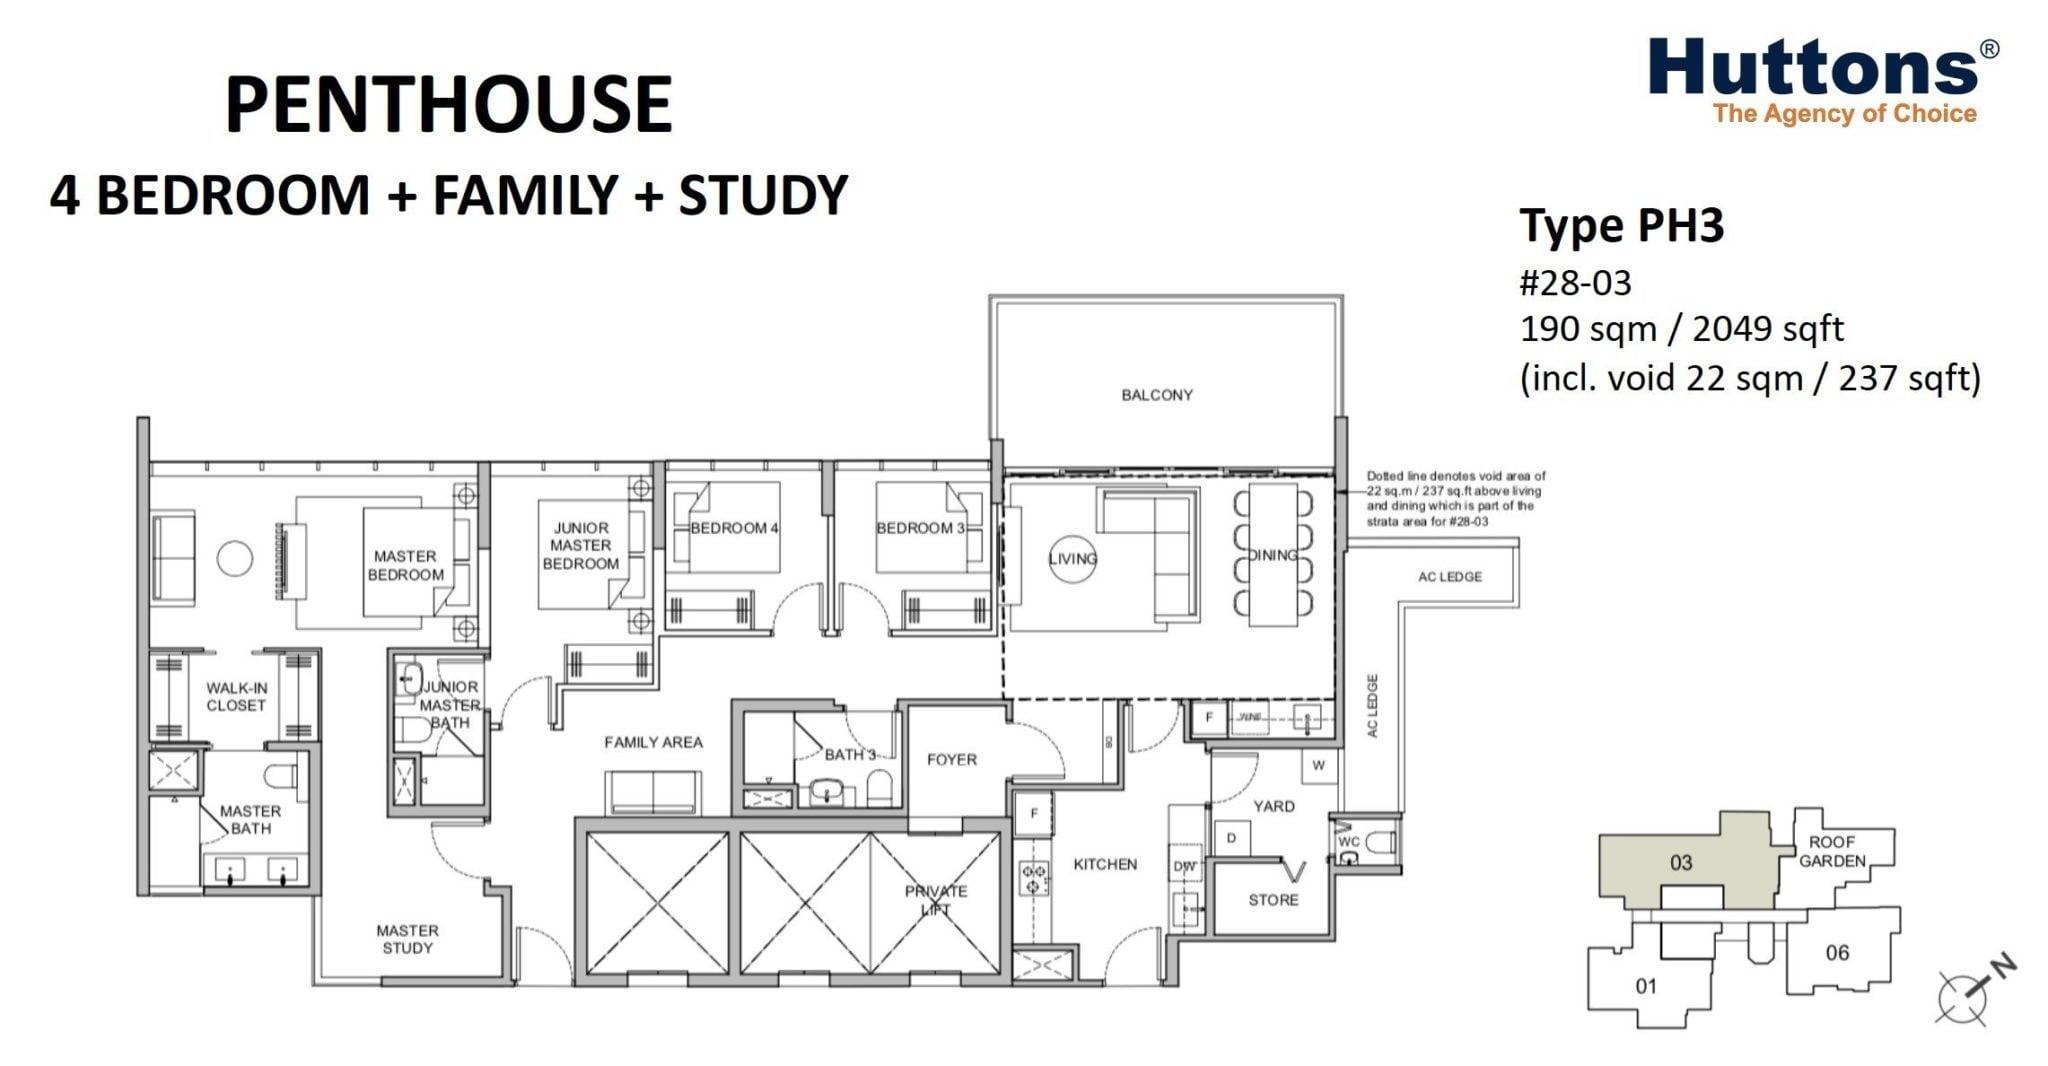 Verticus-floor plan 4BR Penthouse